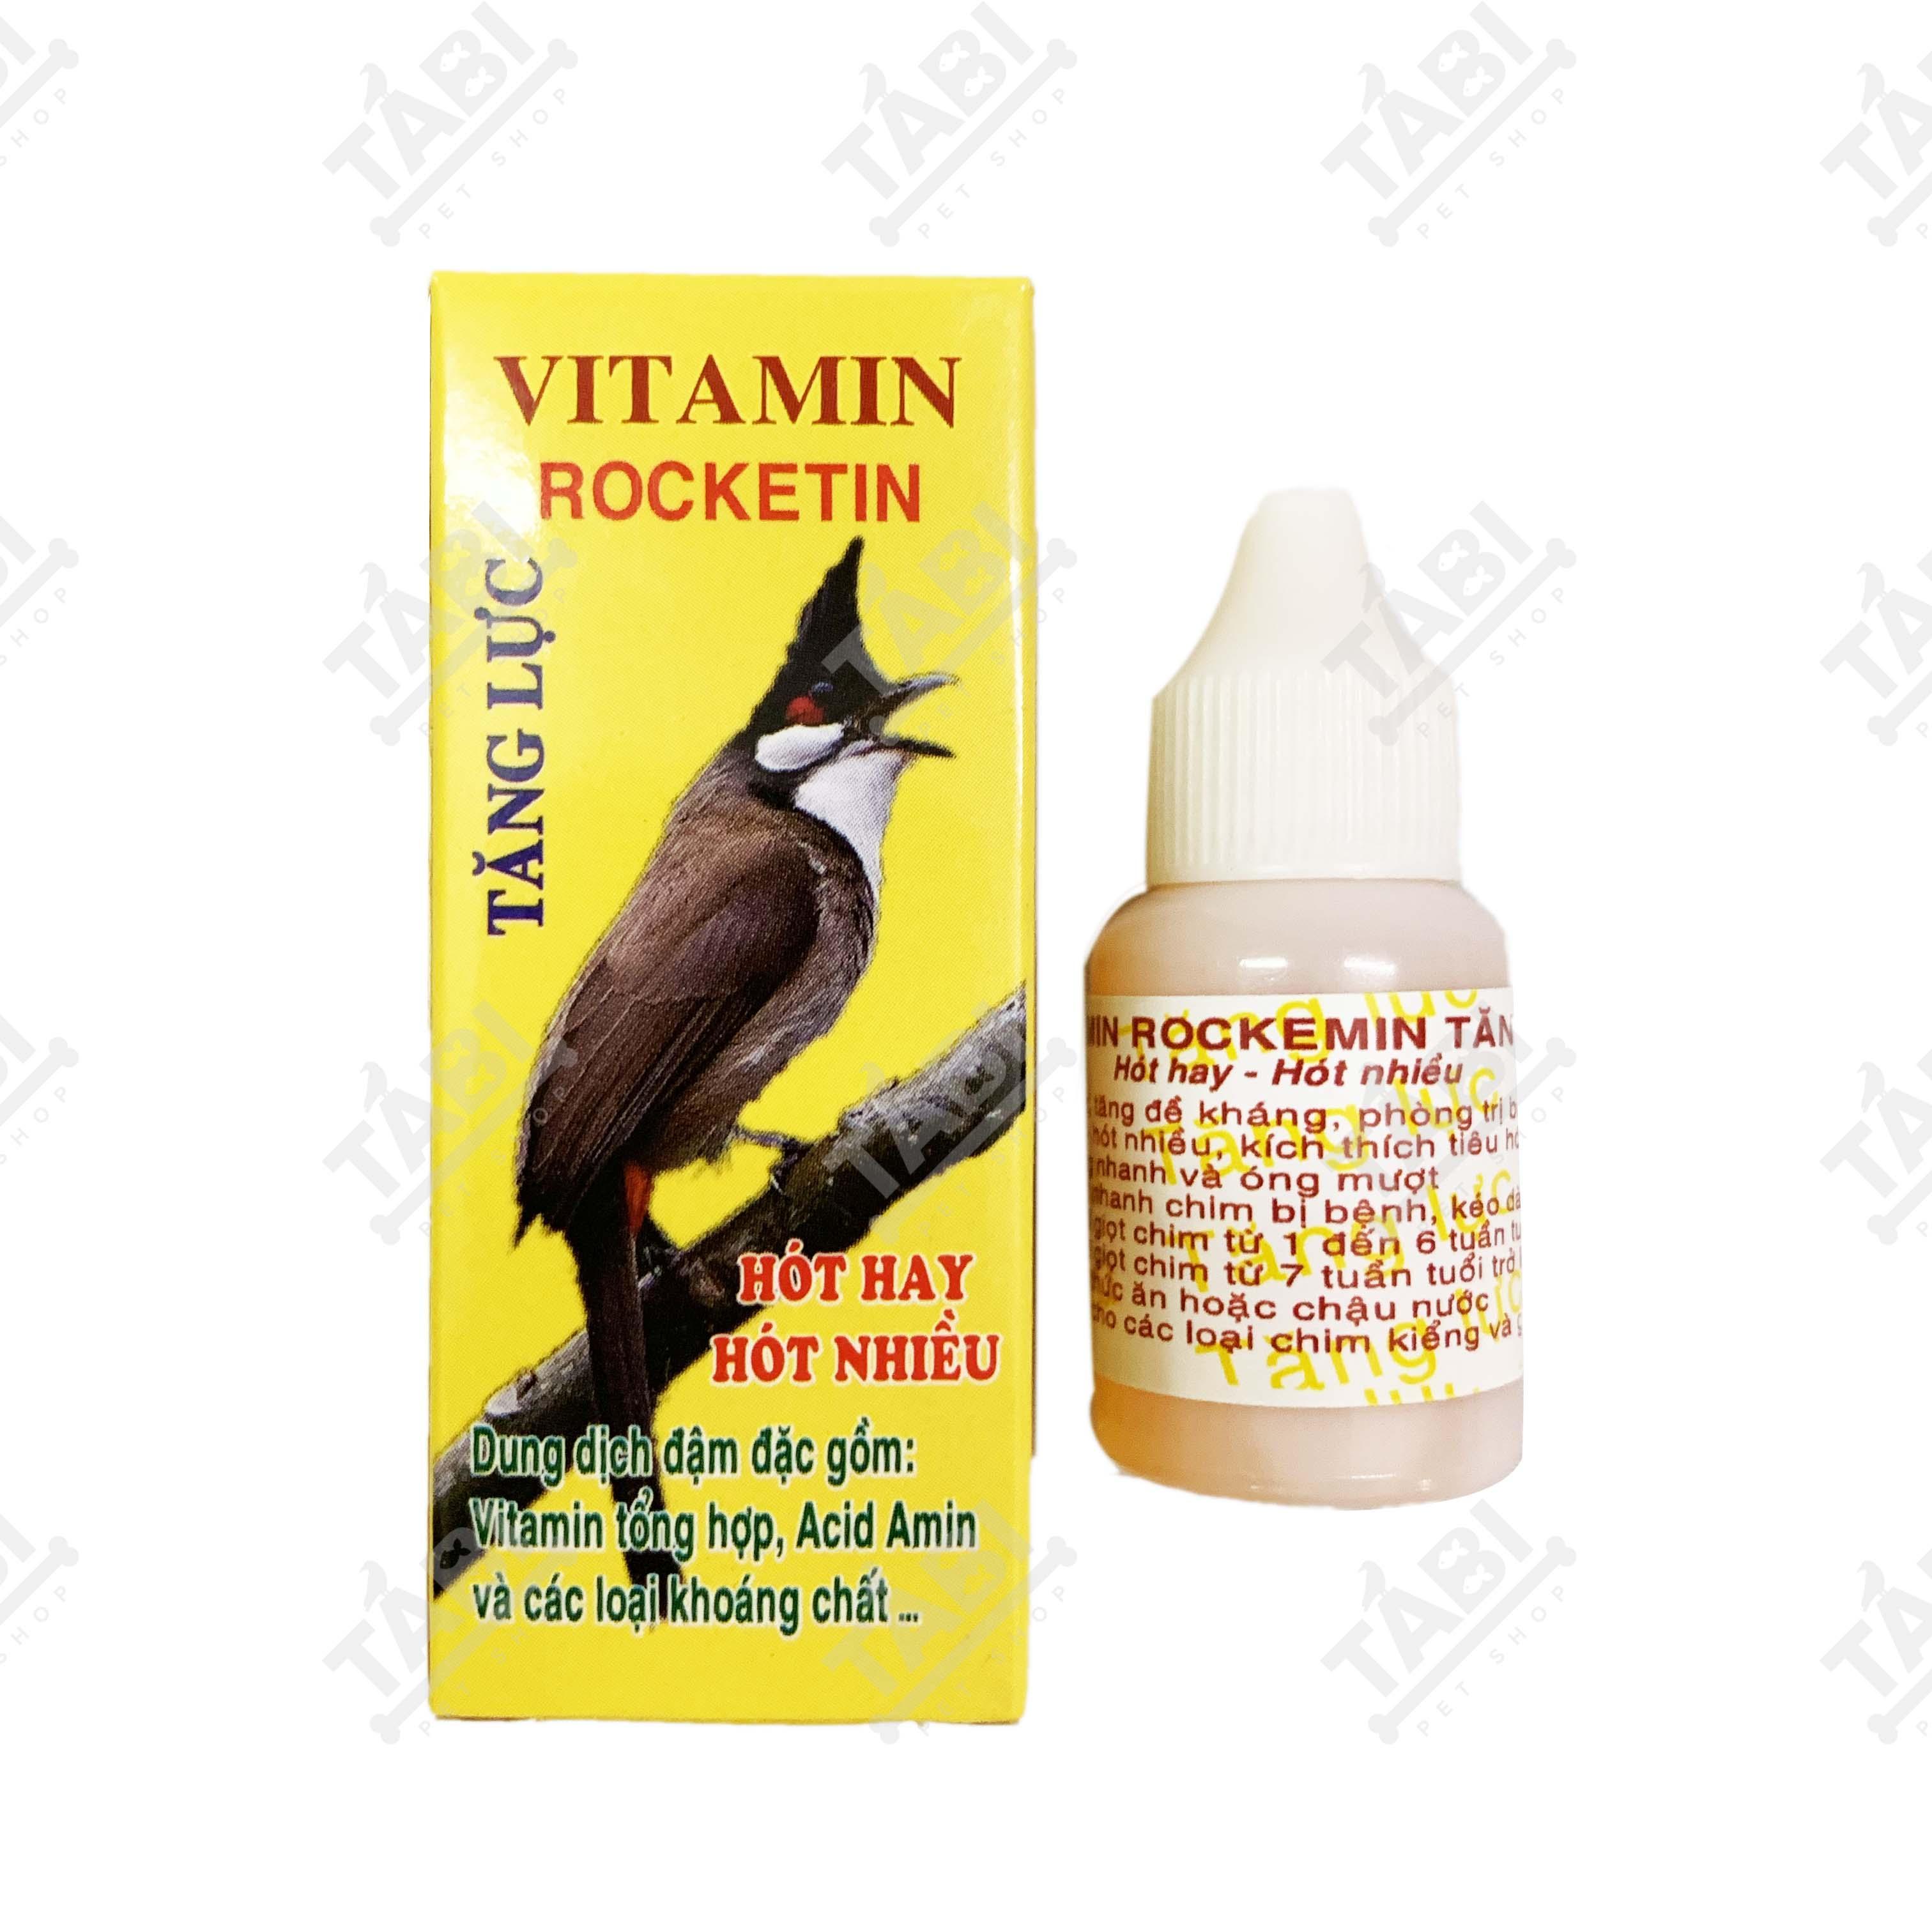 [HCM]Vitamin Rocket Tăng Lực Cho Chim - Giúp Chim Hót Hay